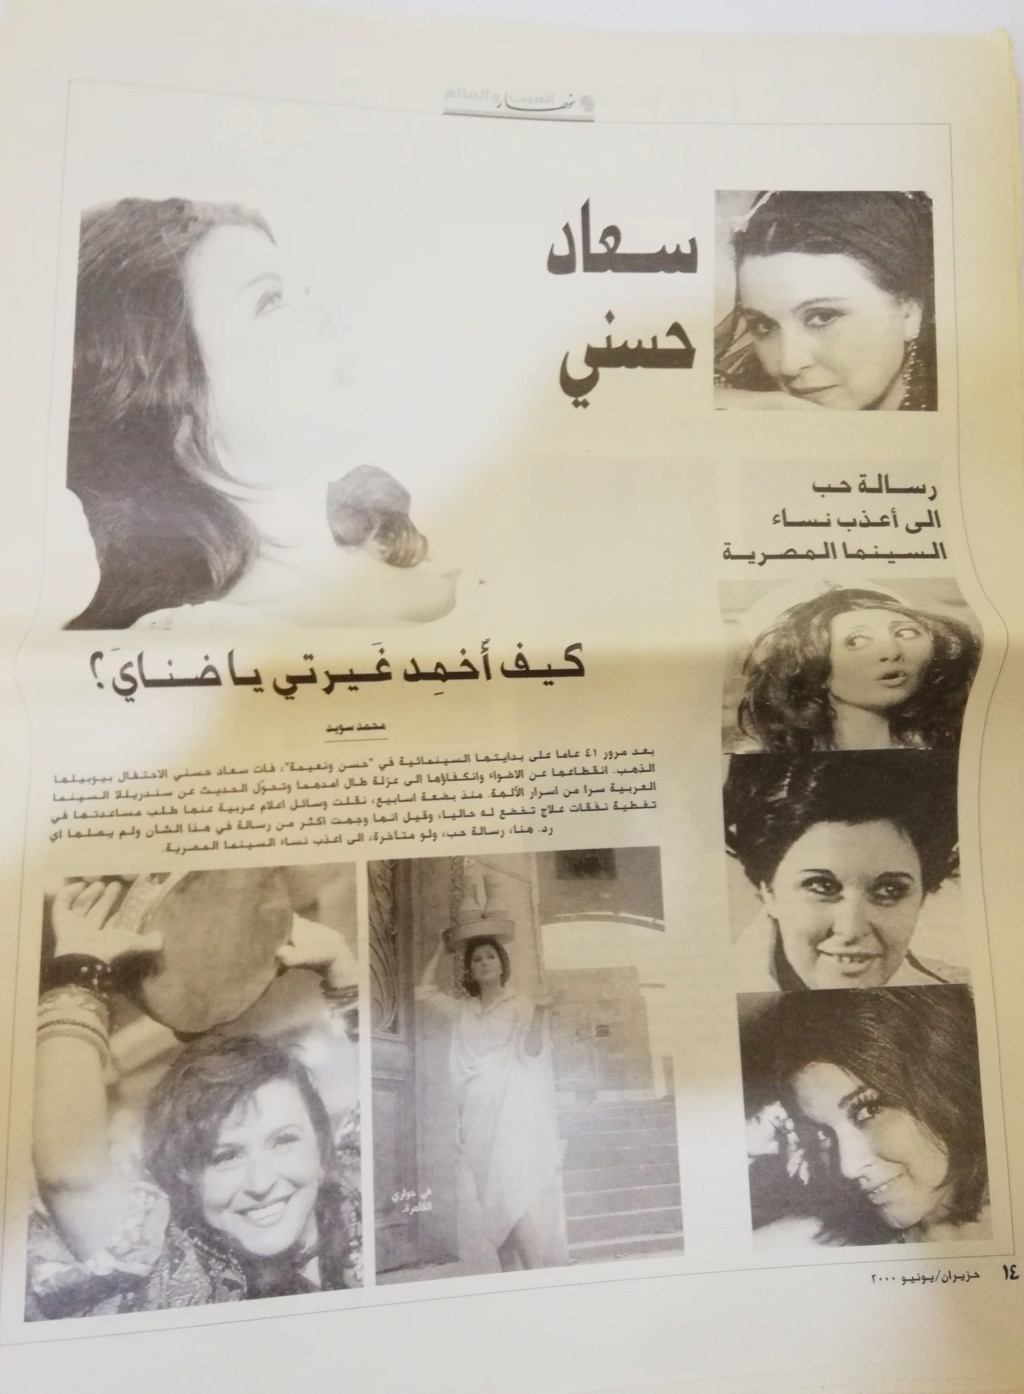 وثيقة مكتوبة : رسالة حب إلى أعذب نساء السينما المصرية .. سعاد حسني 2000 م Aoa_ey10